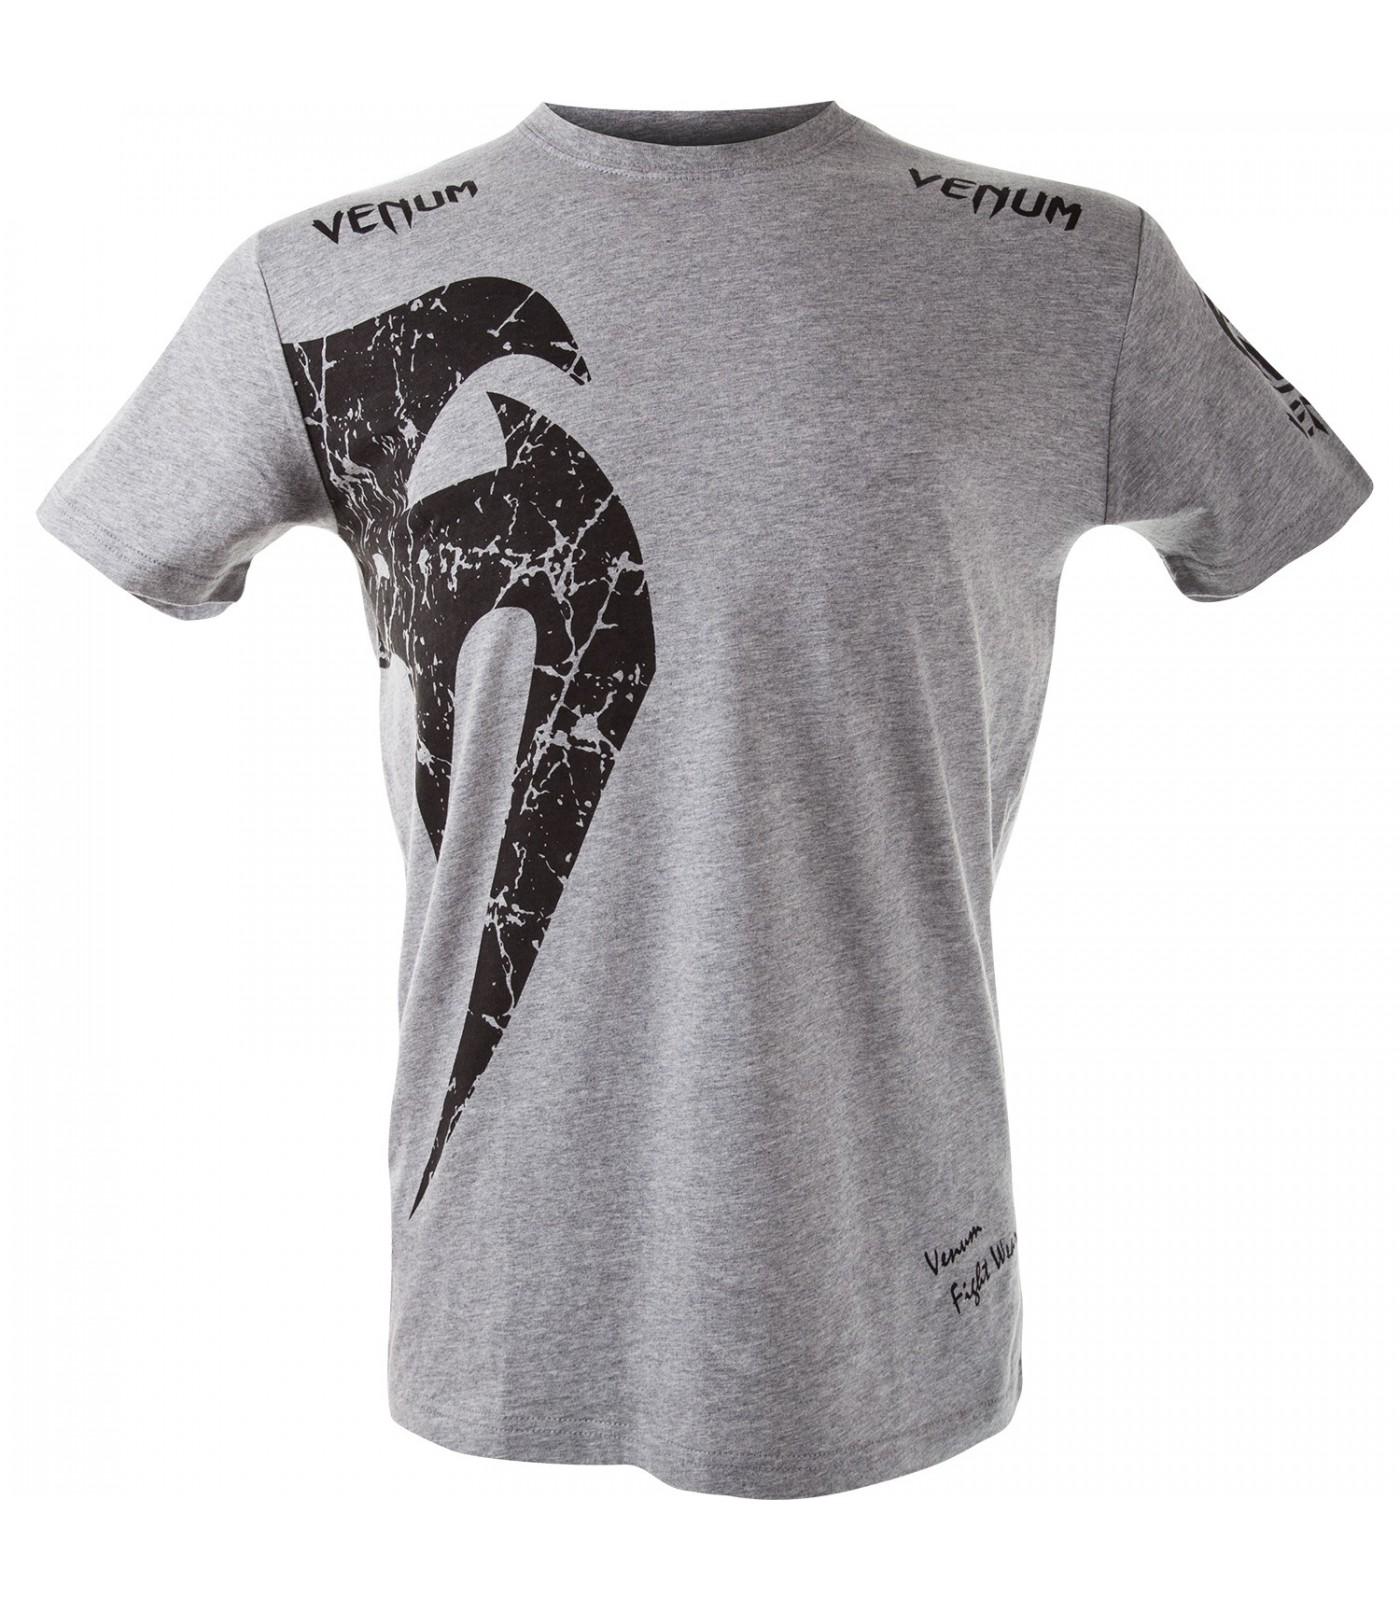 Тениска - VENUM GIANT T-SHIRT - GREY/BLACK